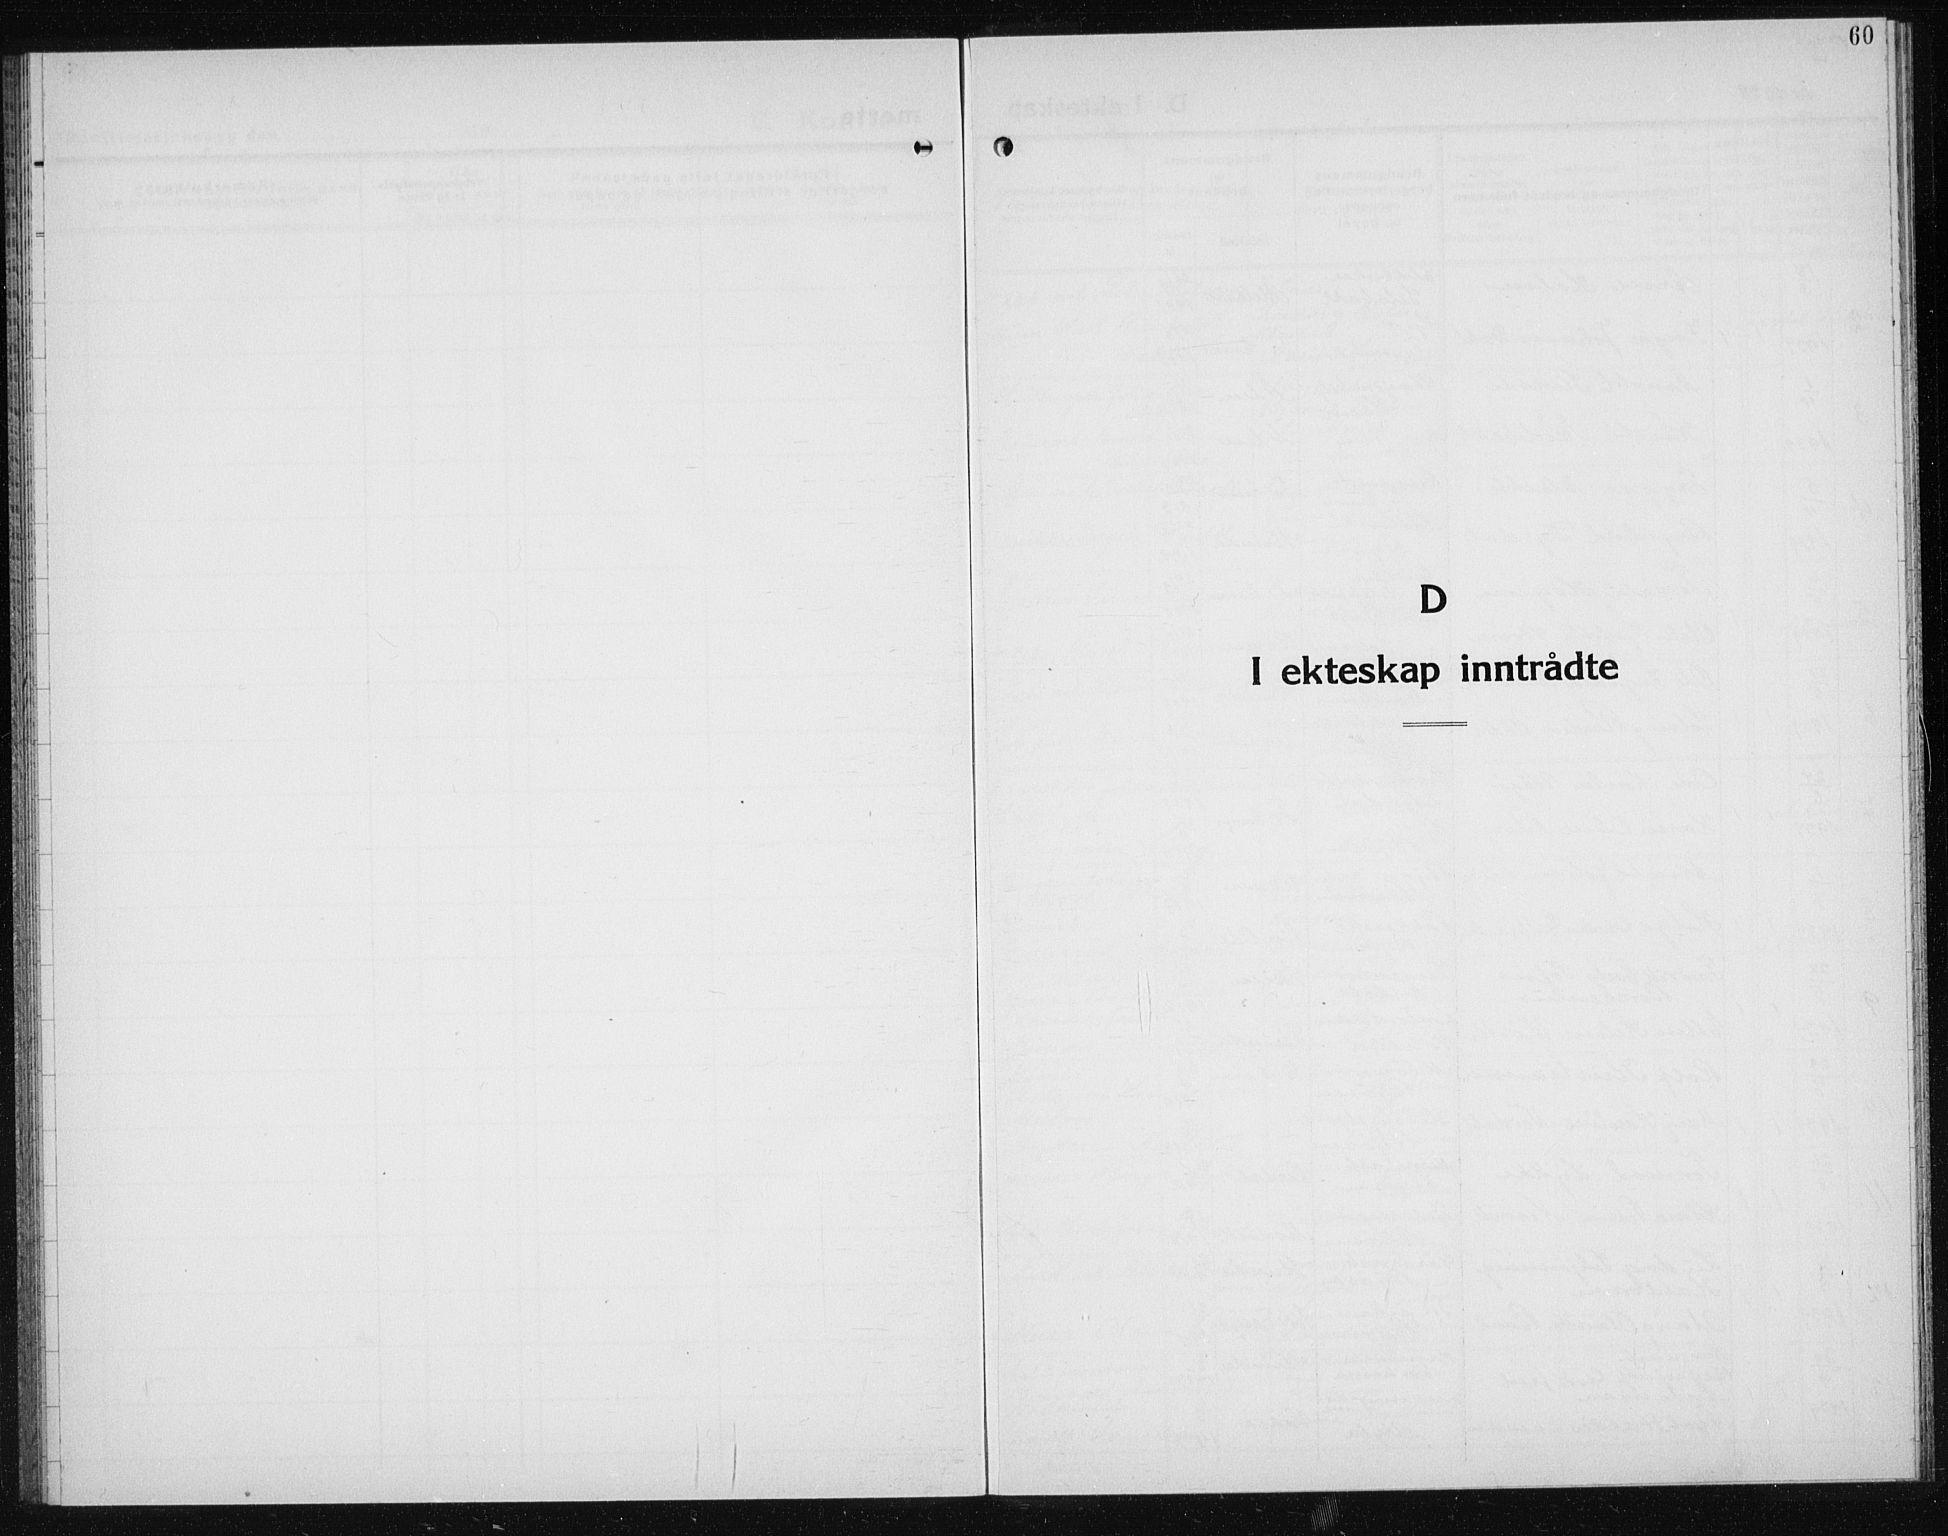 SAT, Ministerialprotokoller, klokkerbøker og fødselsregistre - Sør-Trøndelag, 611/L0357: Klokkerbok nr. 611C05, 1938-1942, s. 60